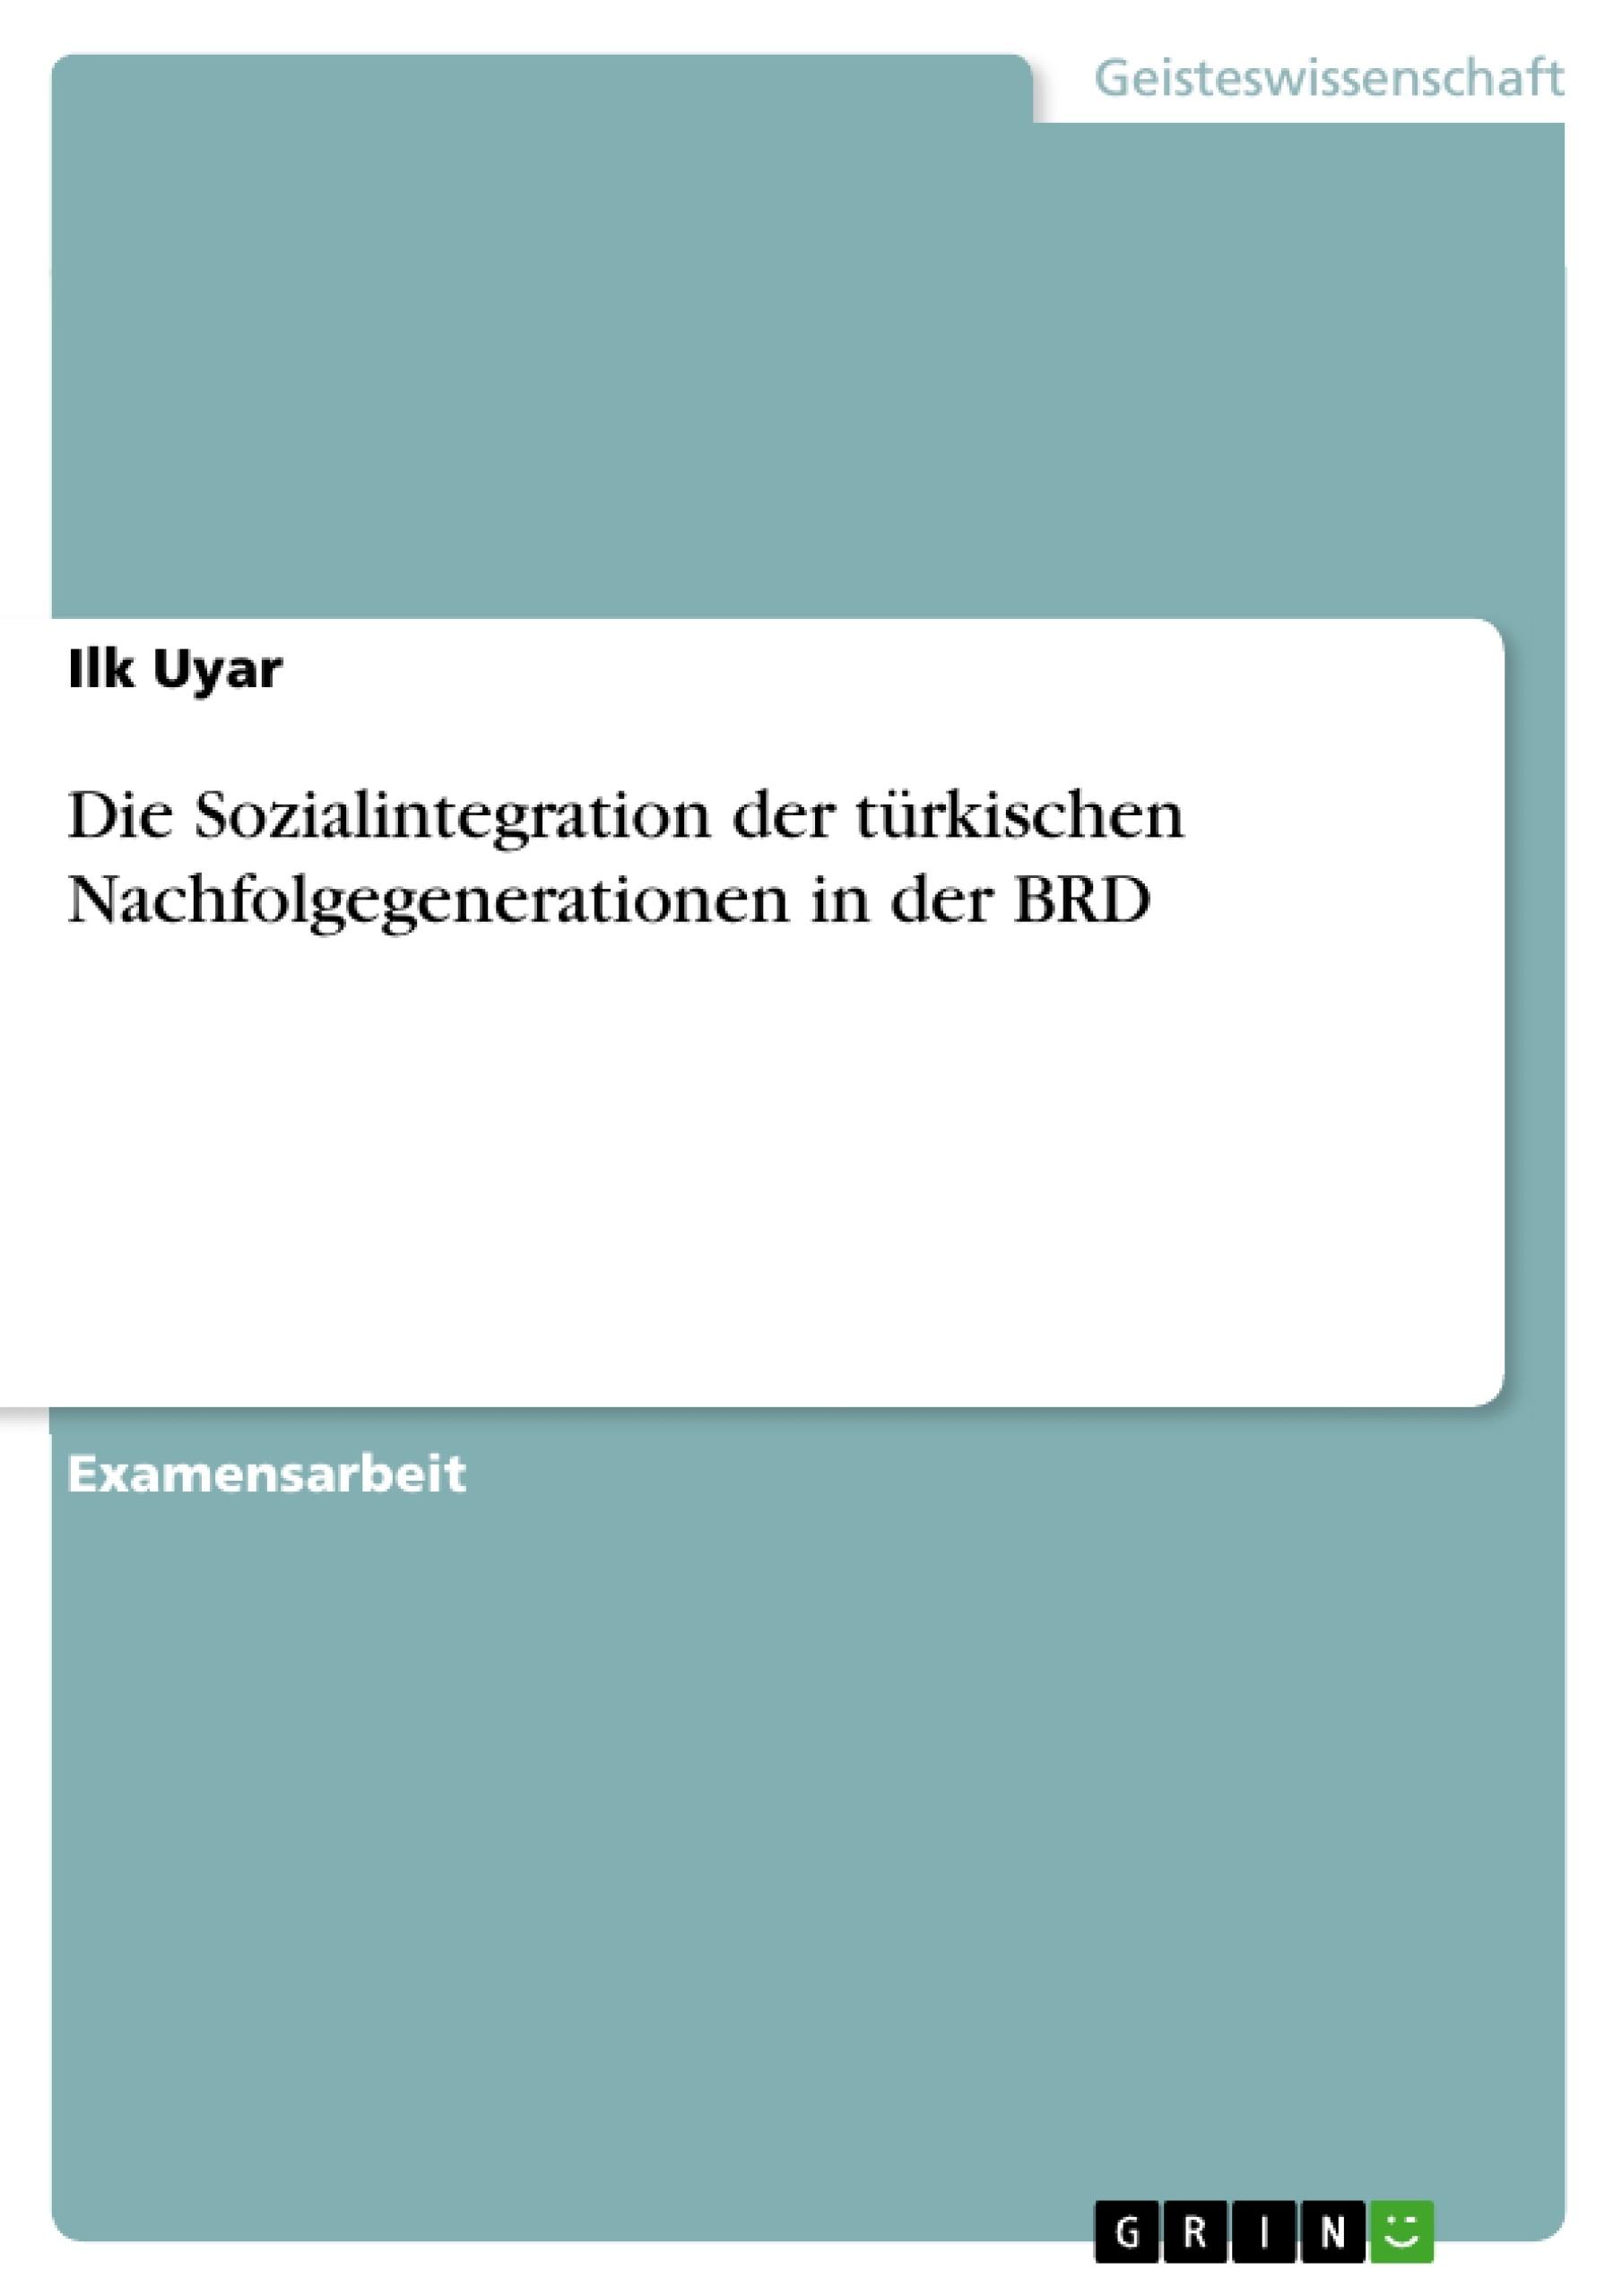 Titel: Die Sozialintegration der türkischen Nachfolgegenerationen in der BRD